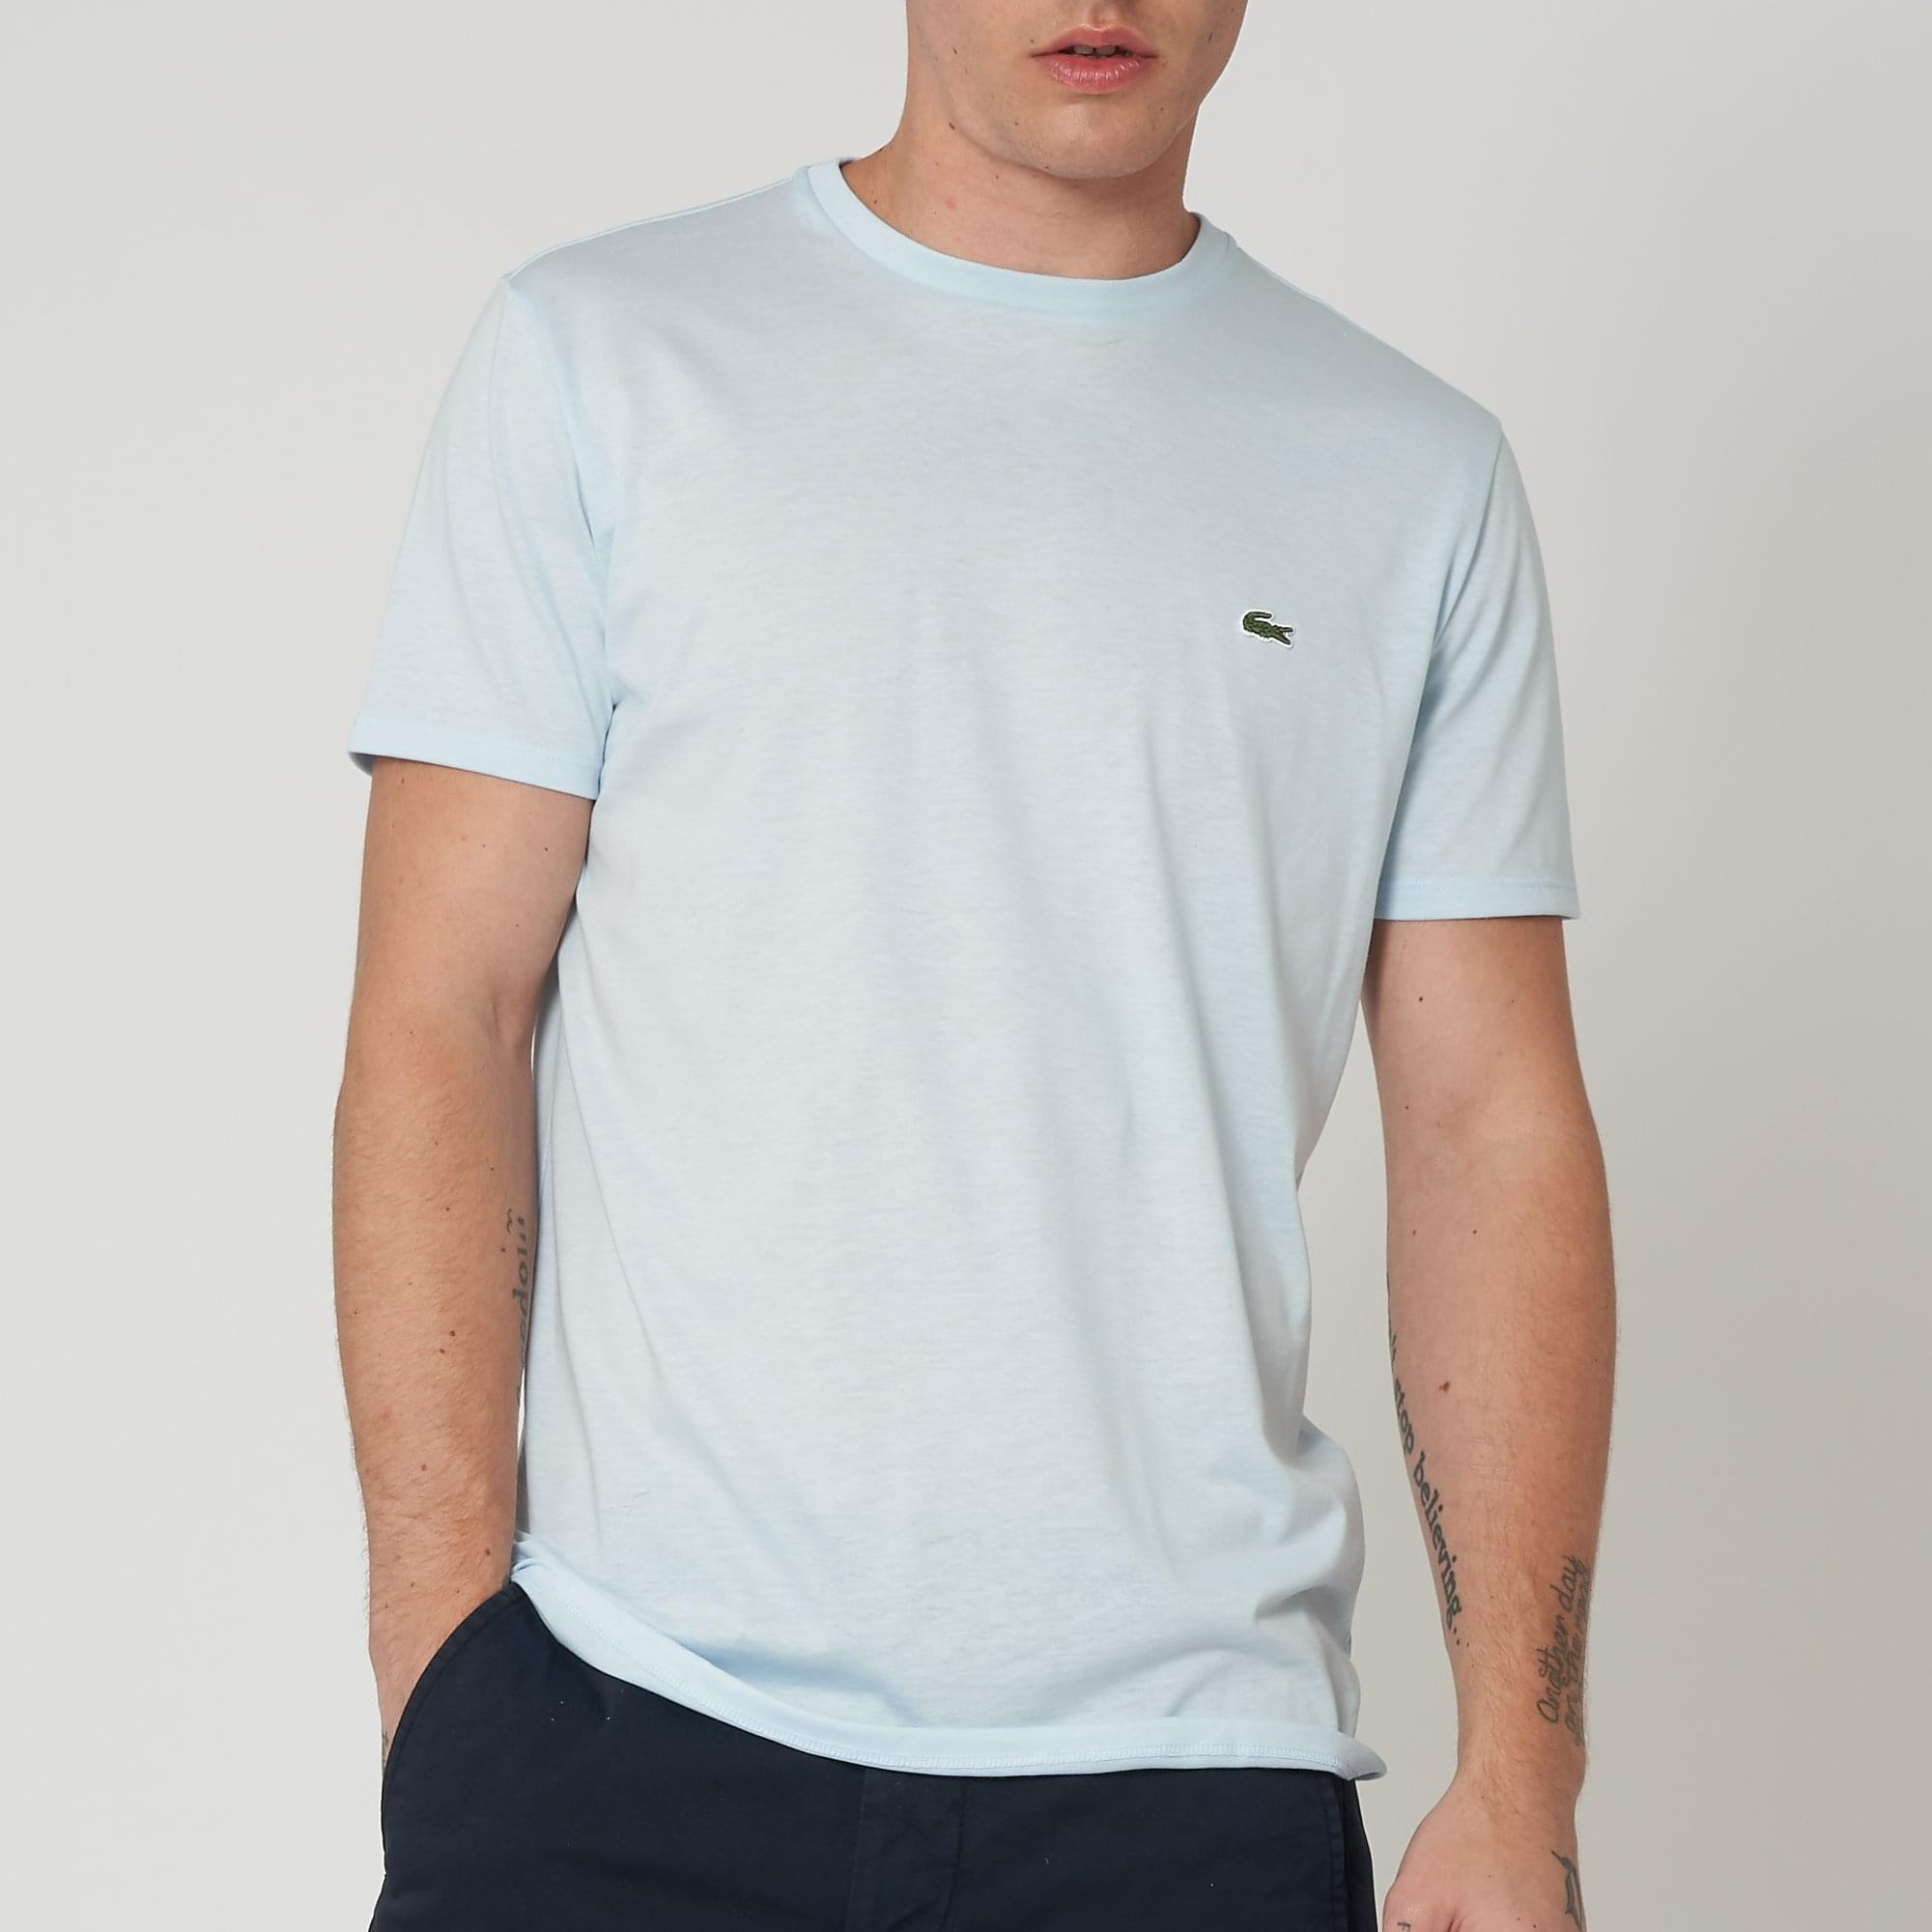 c68fec3357afc Lacoste (Baby Blue) Crew Neck Pima Cotton T-Shirt TH6709